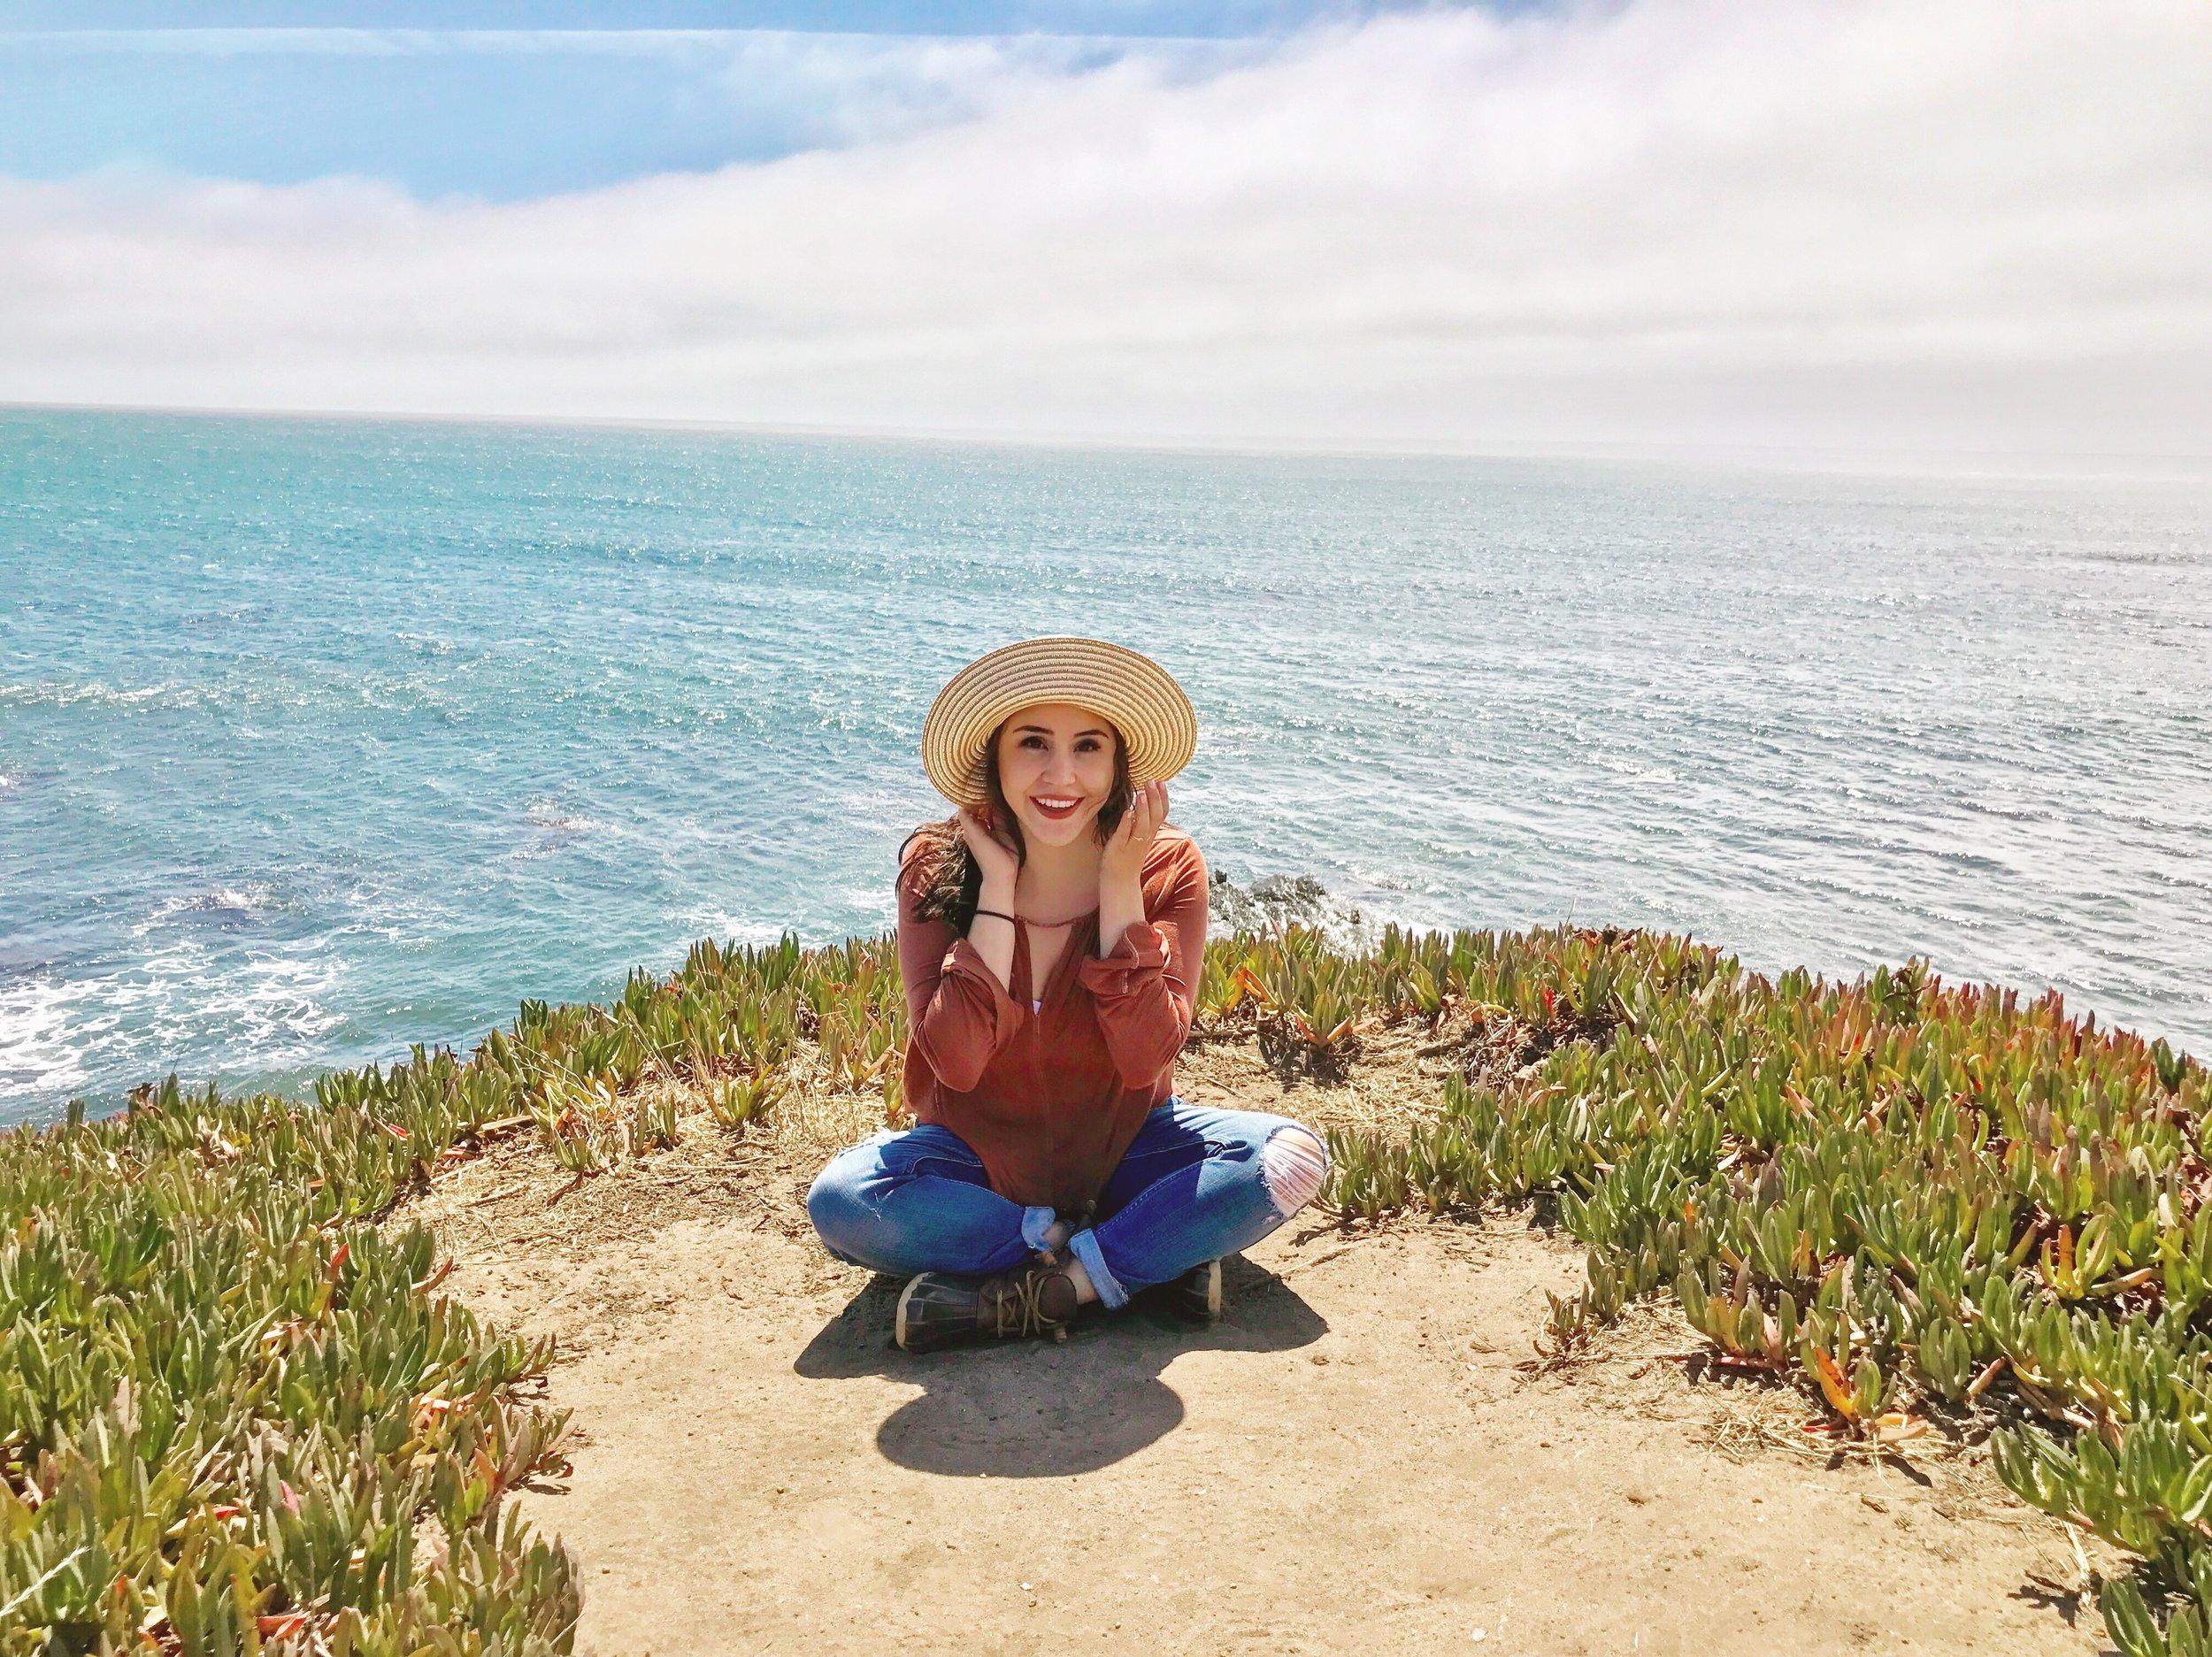 Pacific Coast Highway - Catie Bee18.jpg